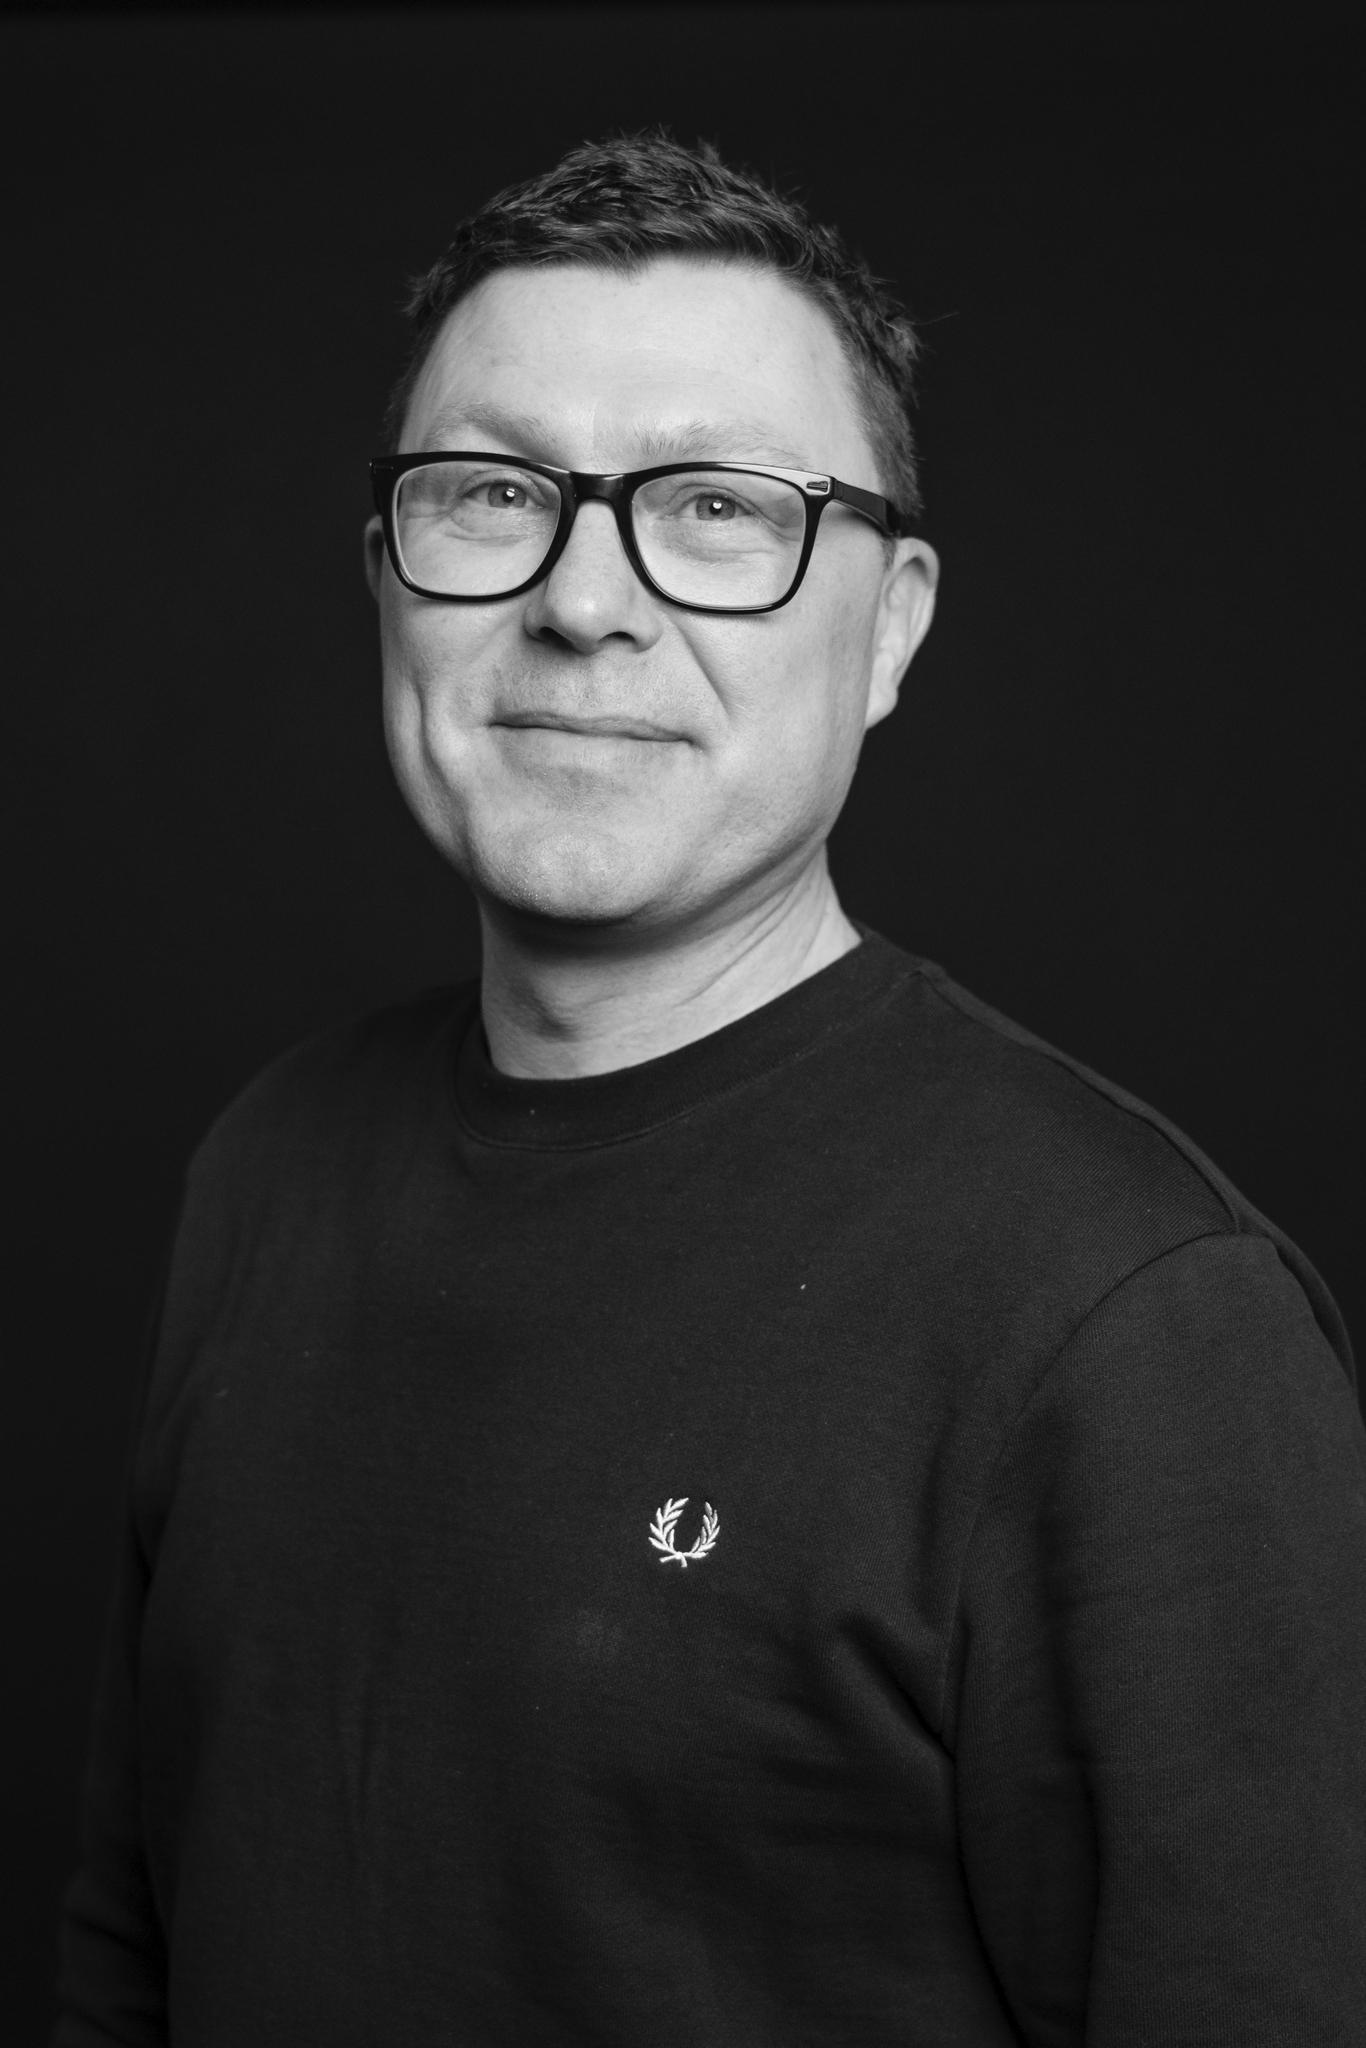 Jørgen Bratlie image 1